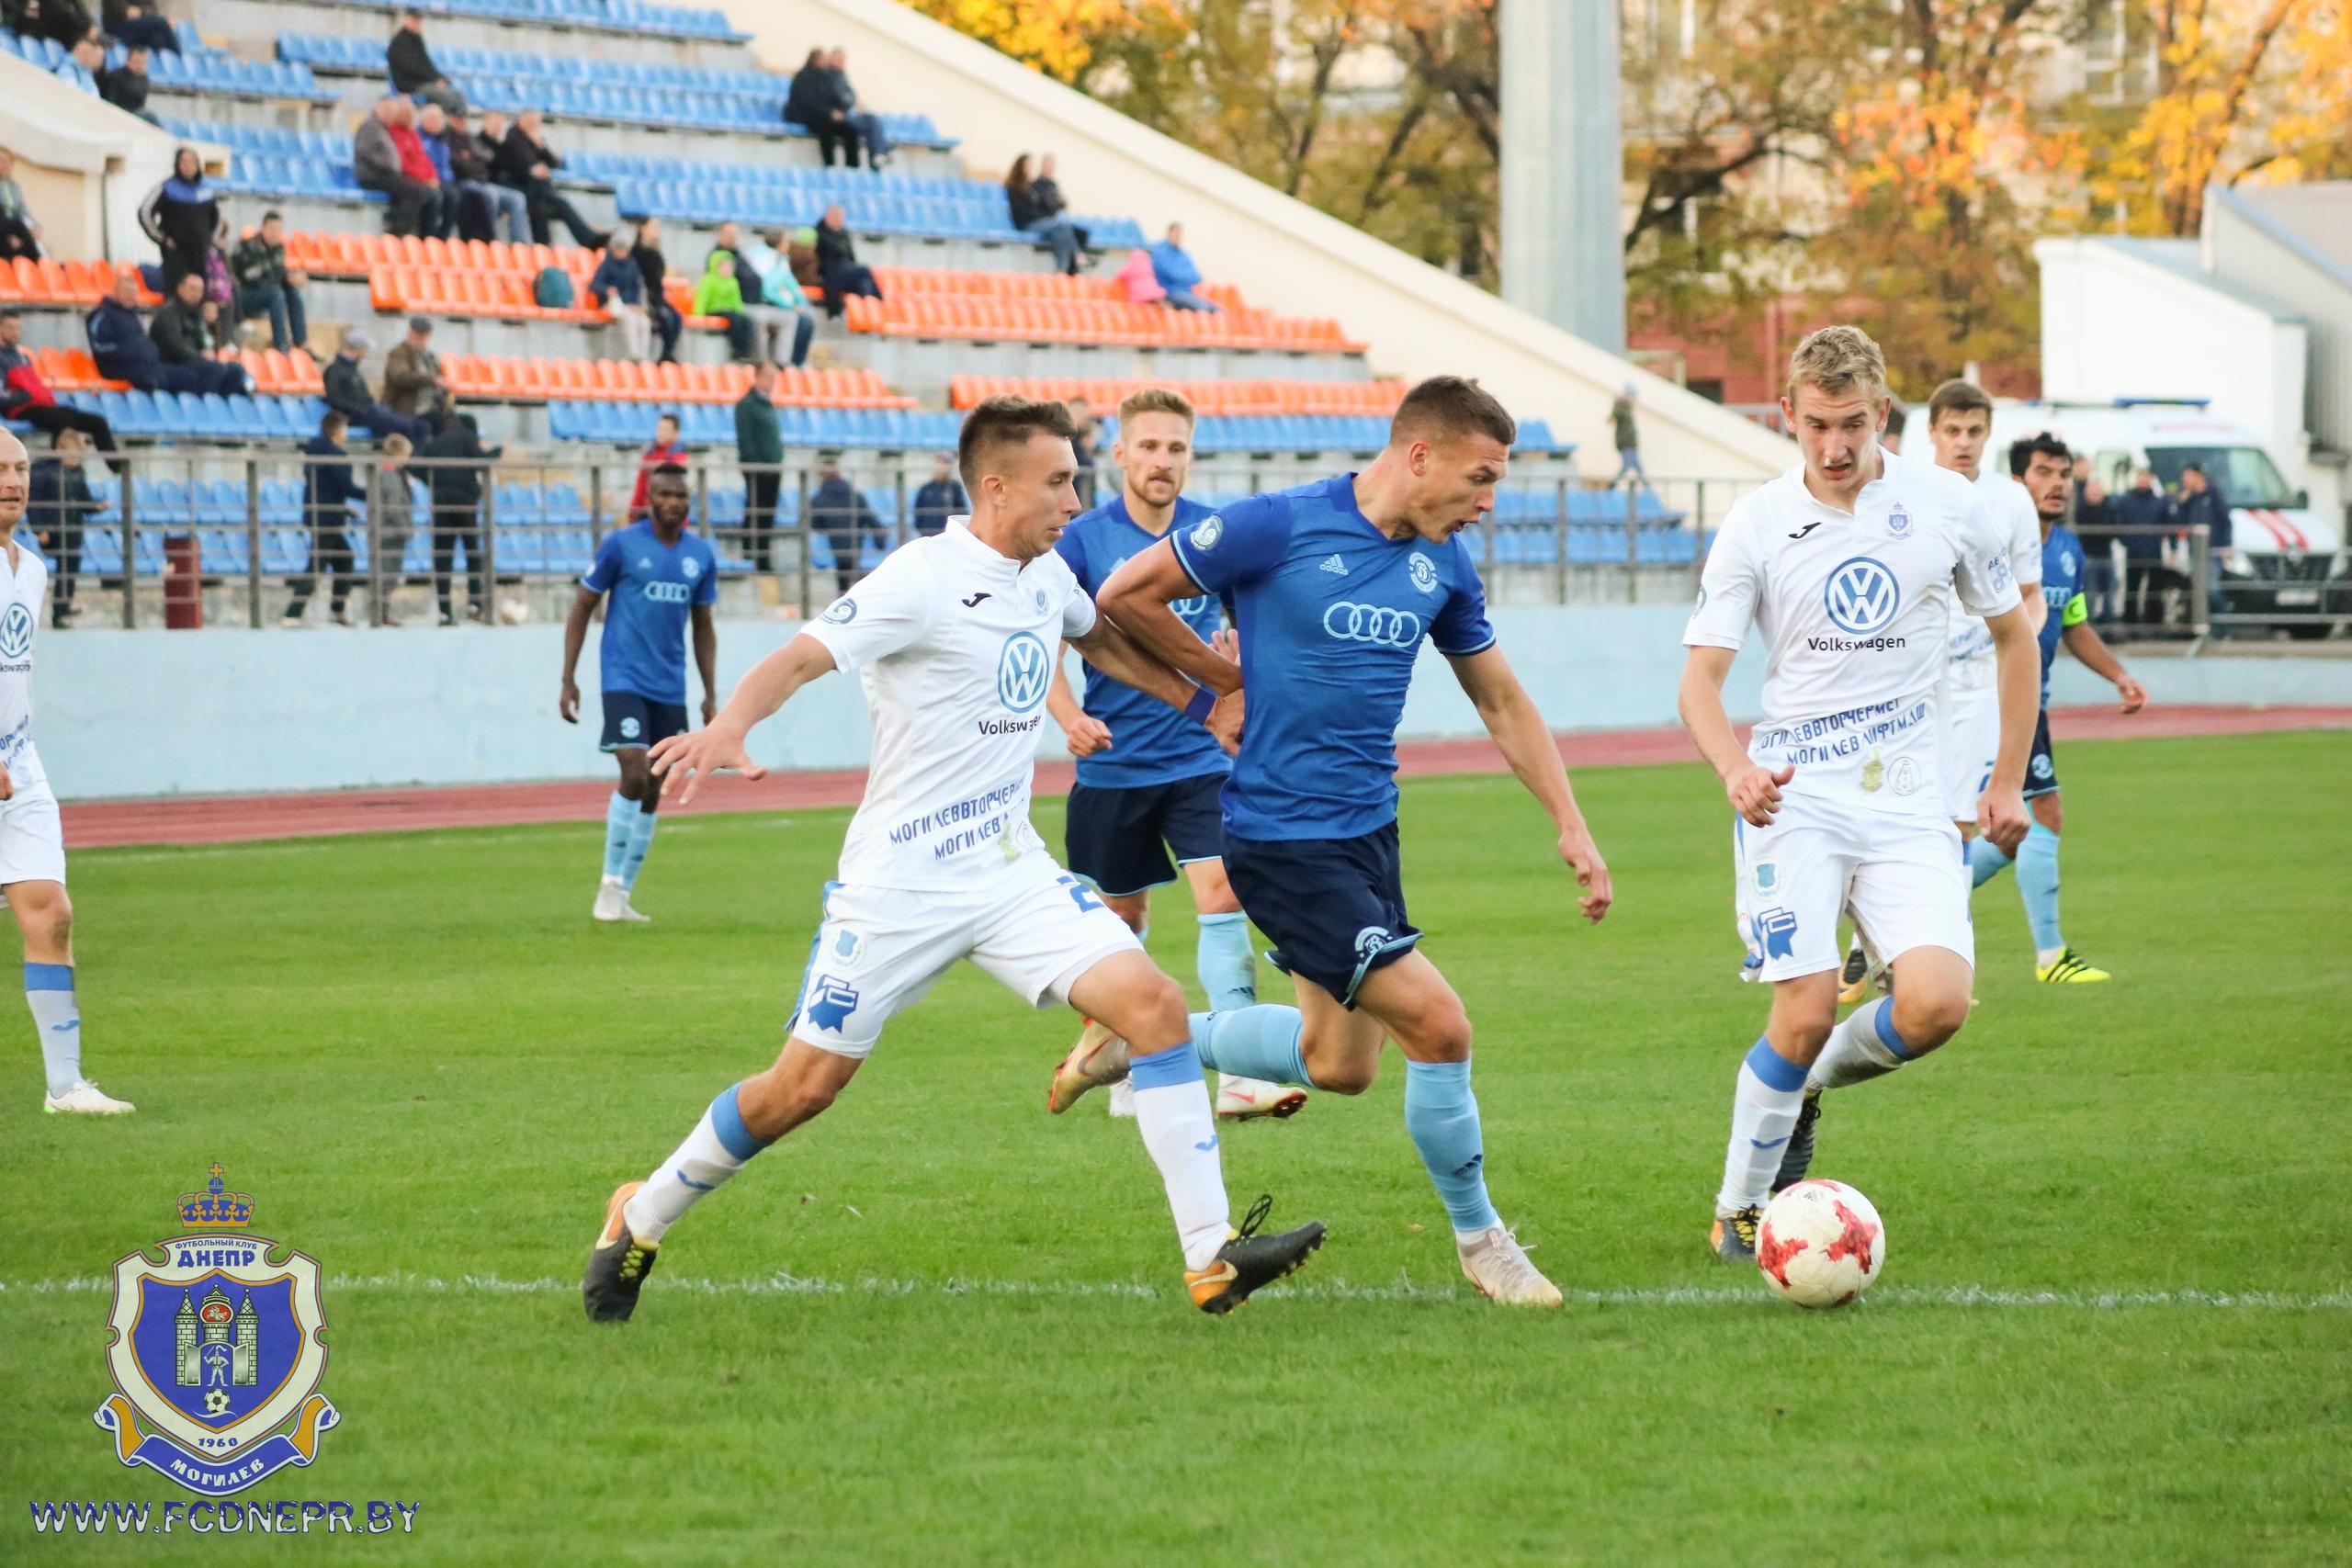 Могилёвский «Днепр» проиграл брестскому «Динамо» насвоём поле